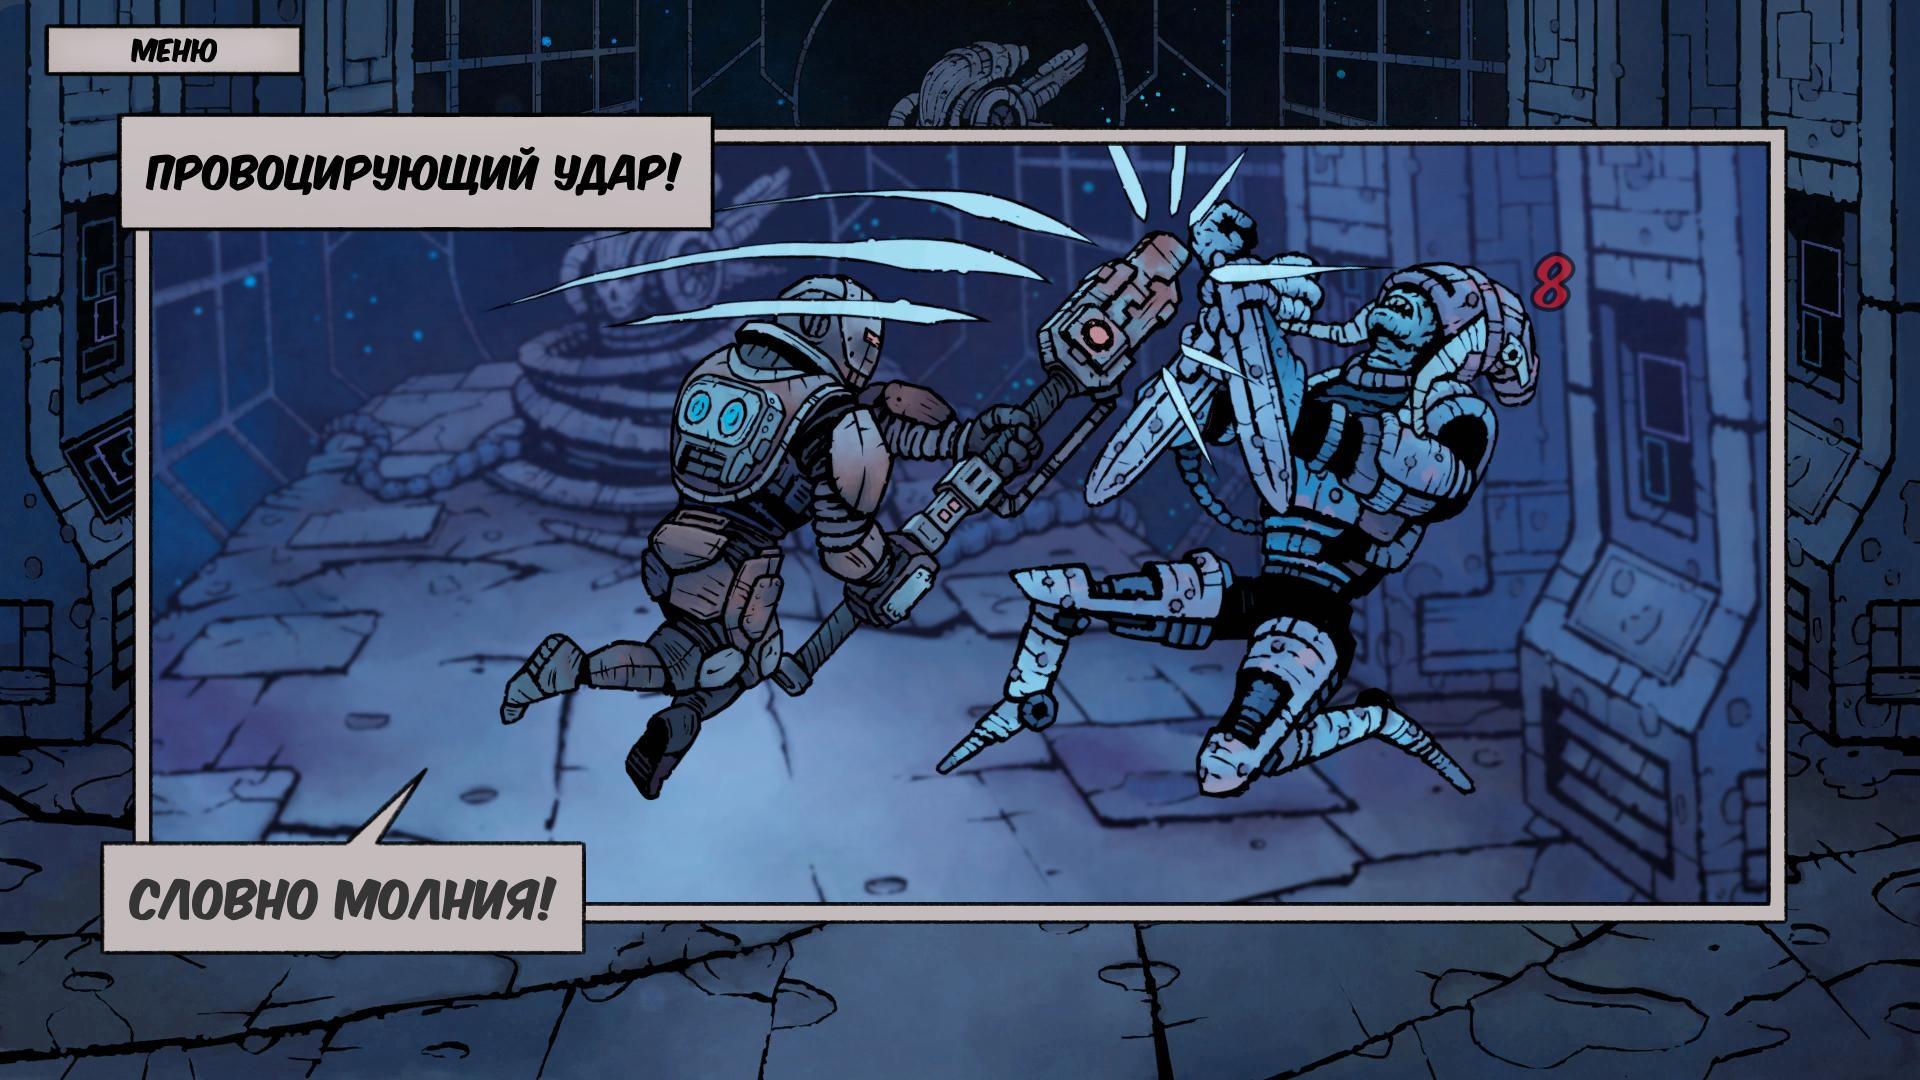 Все действия в сражении иллюстрированы такими вот комиксовыми вставками в Deep Sky Derelicts